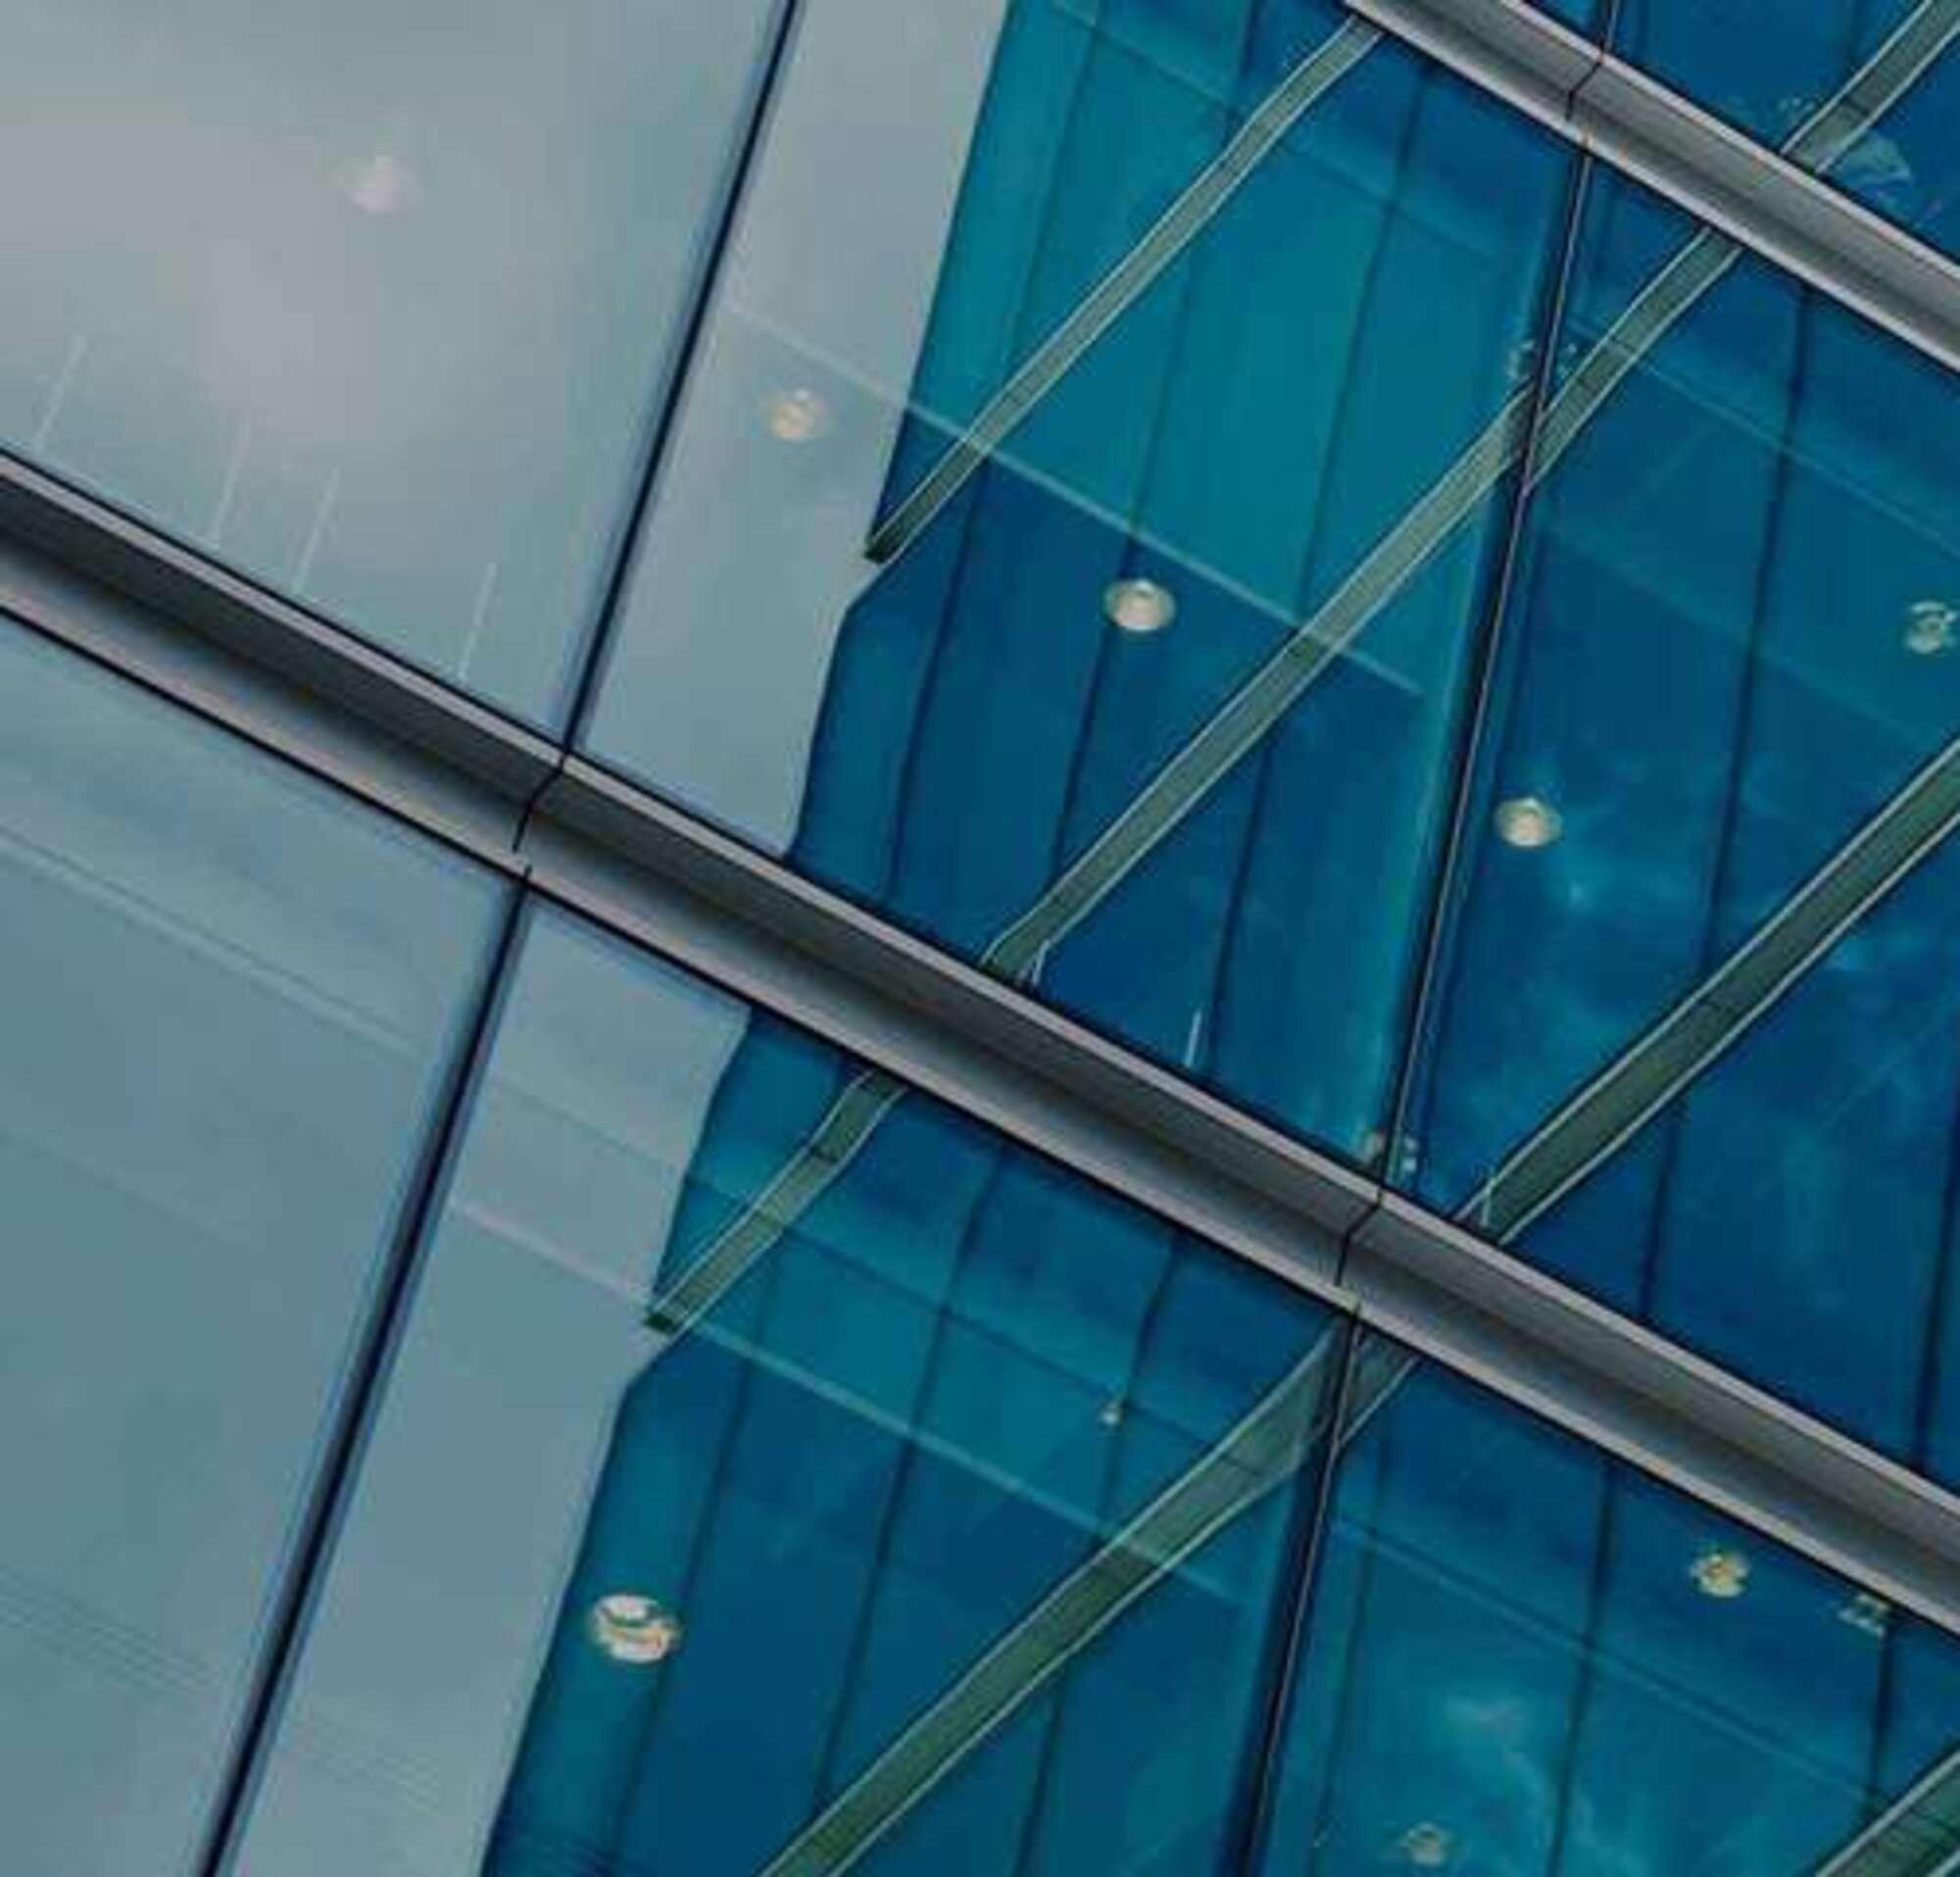 Edificio con ventanas de vidrio con texto presentando productos, integraciones y API de DocuSign.